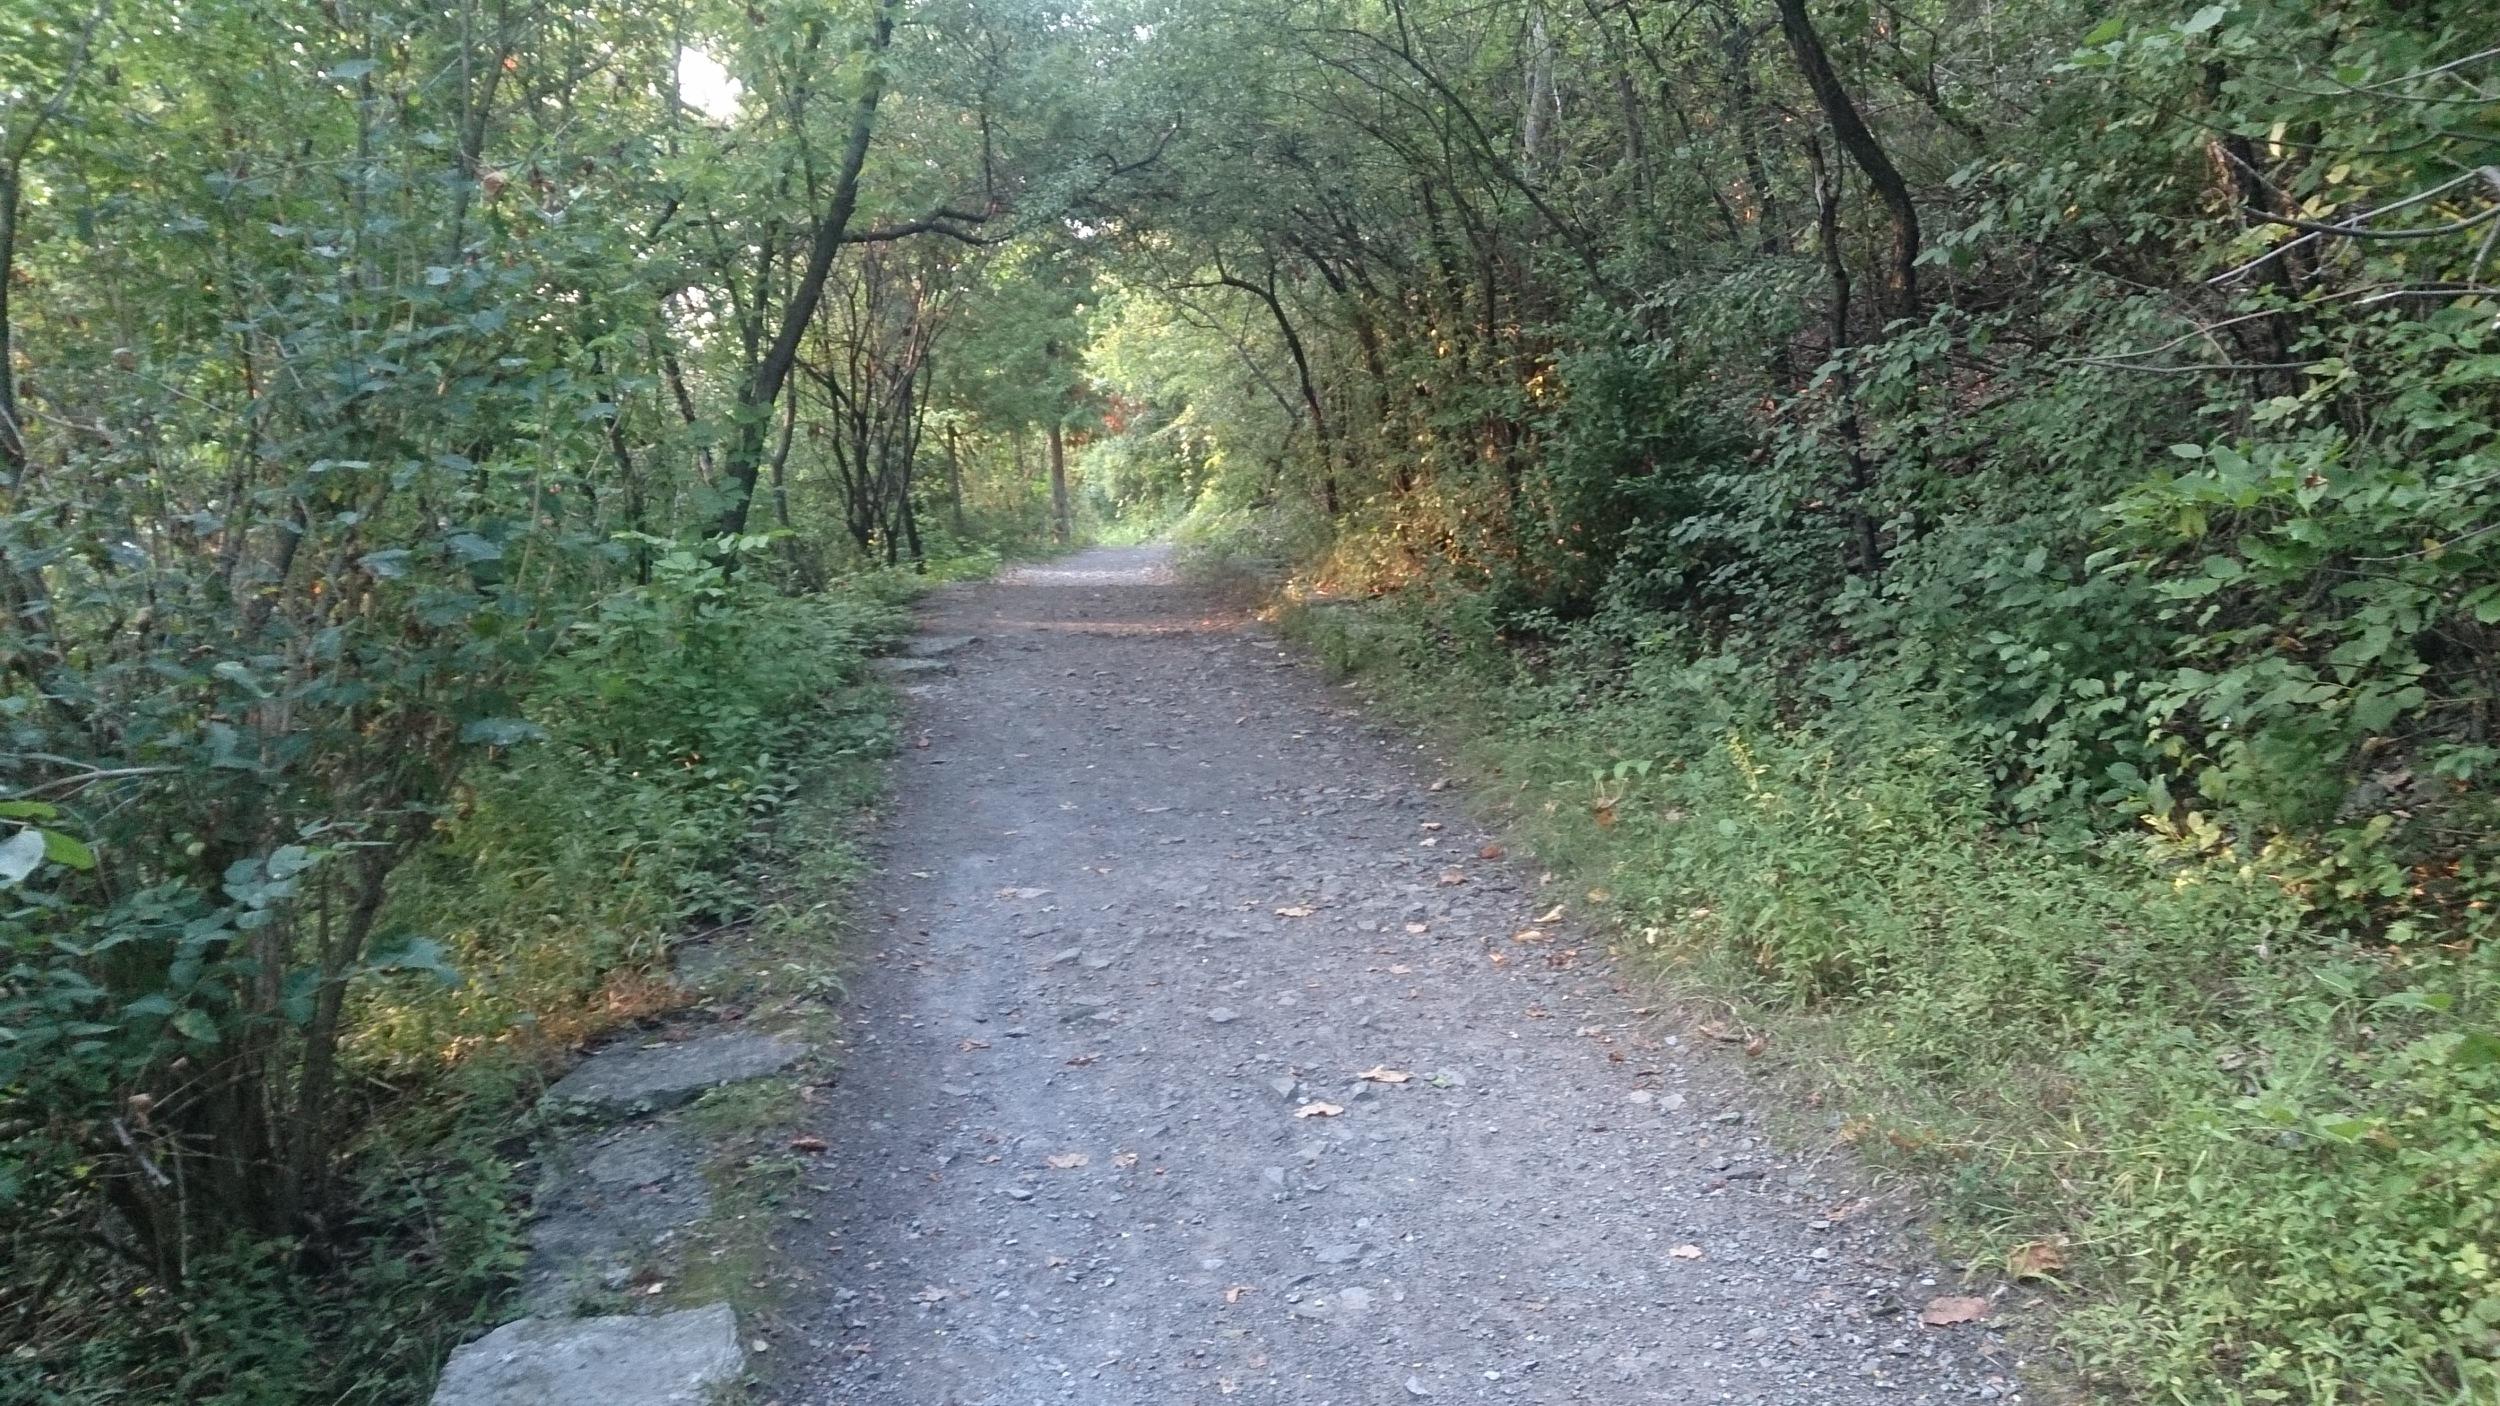 A cool little hiking trail near the Rideau Falls